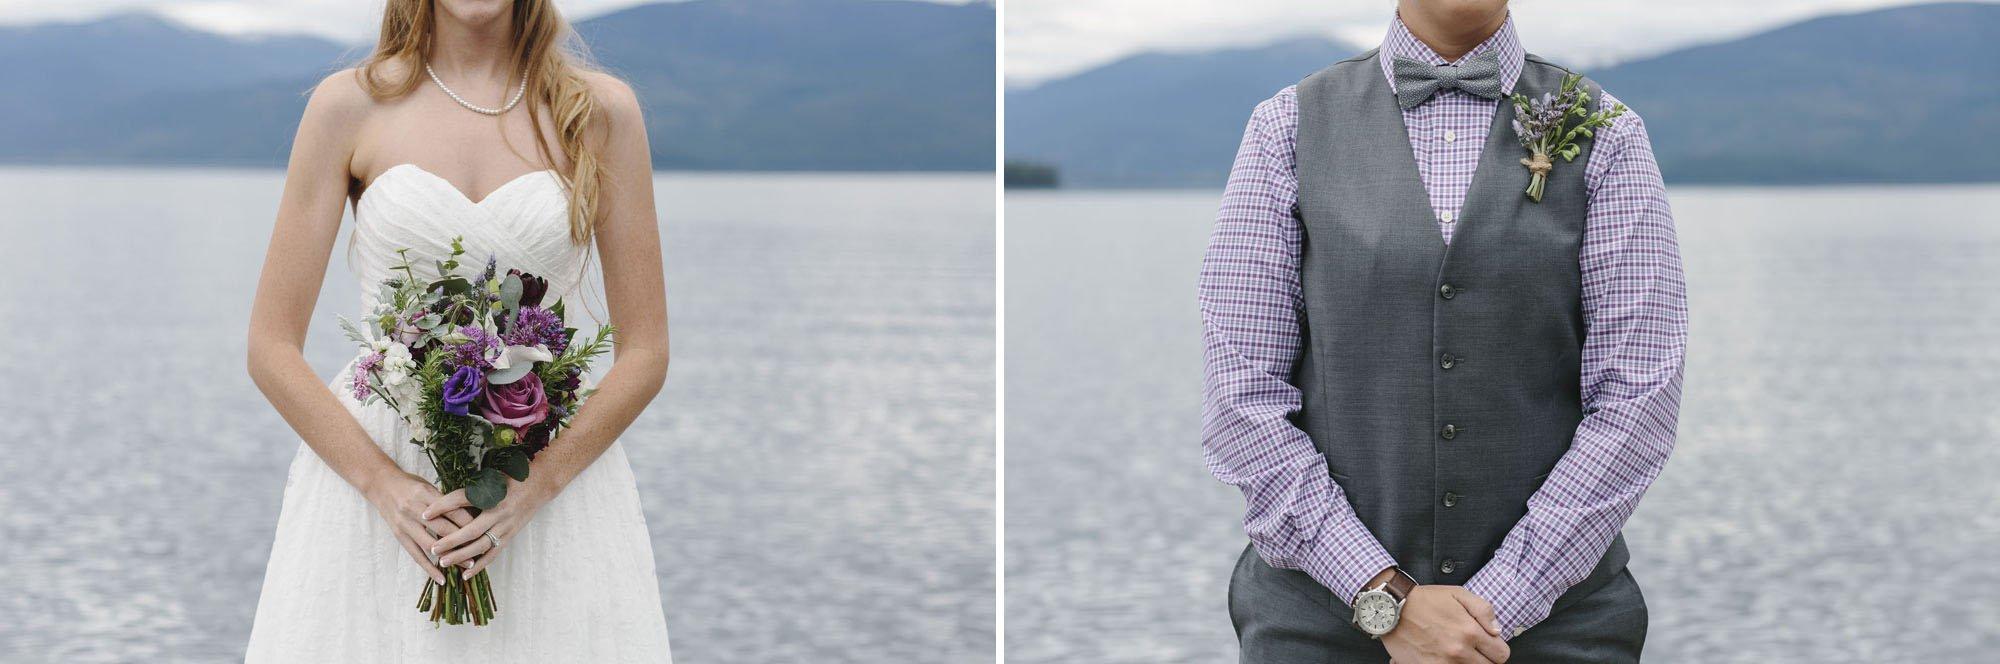 LGBT Wedding Photographer Idaho // Emily Wenzel Photography